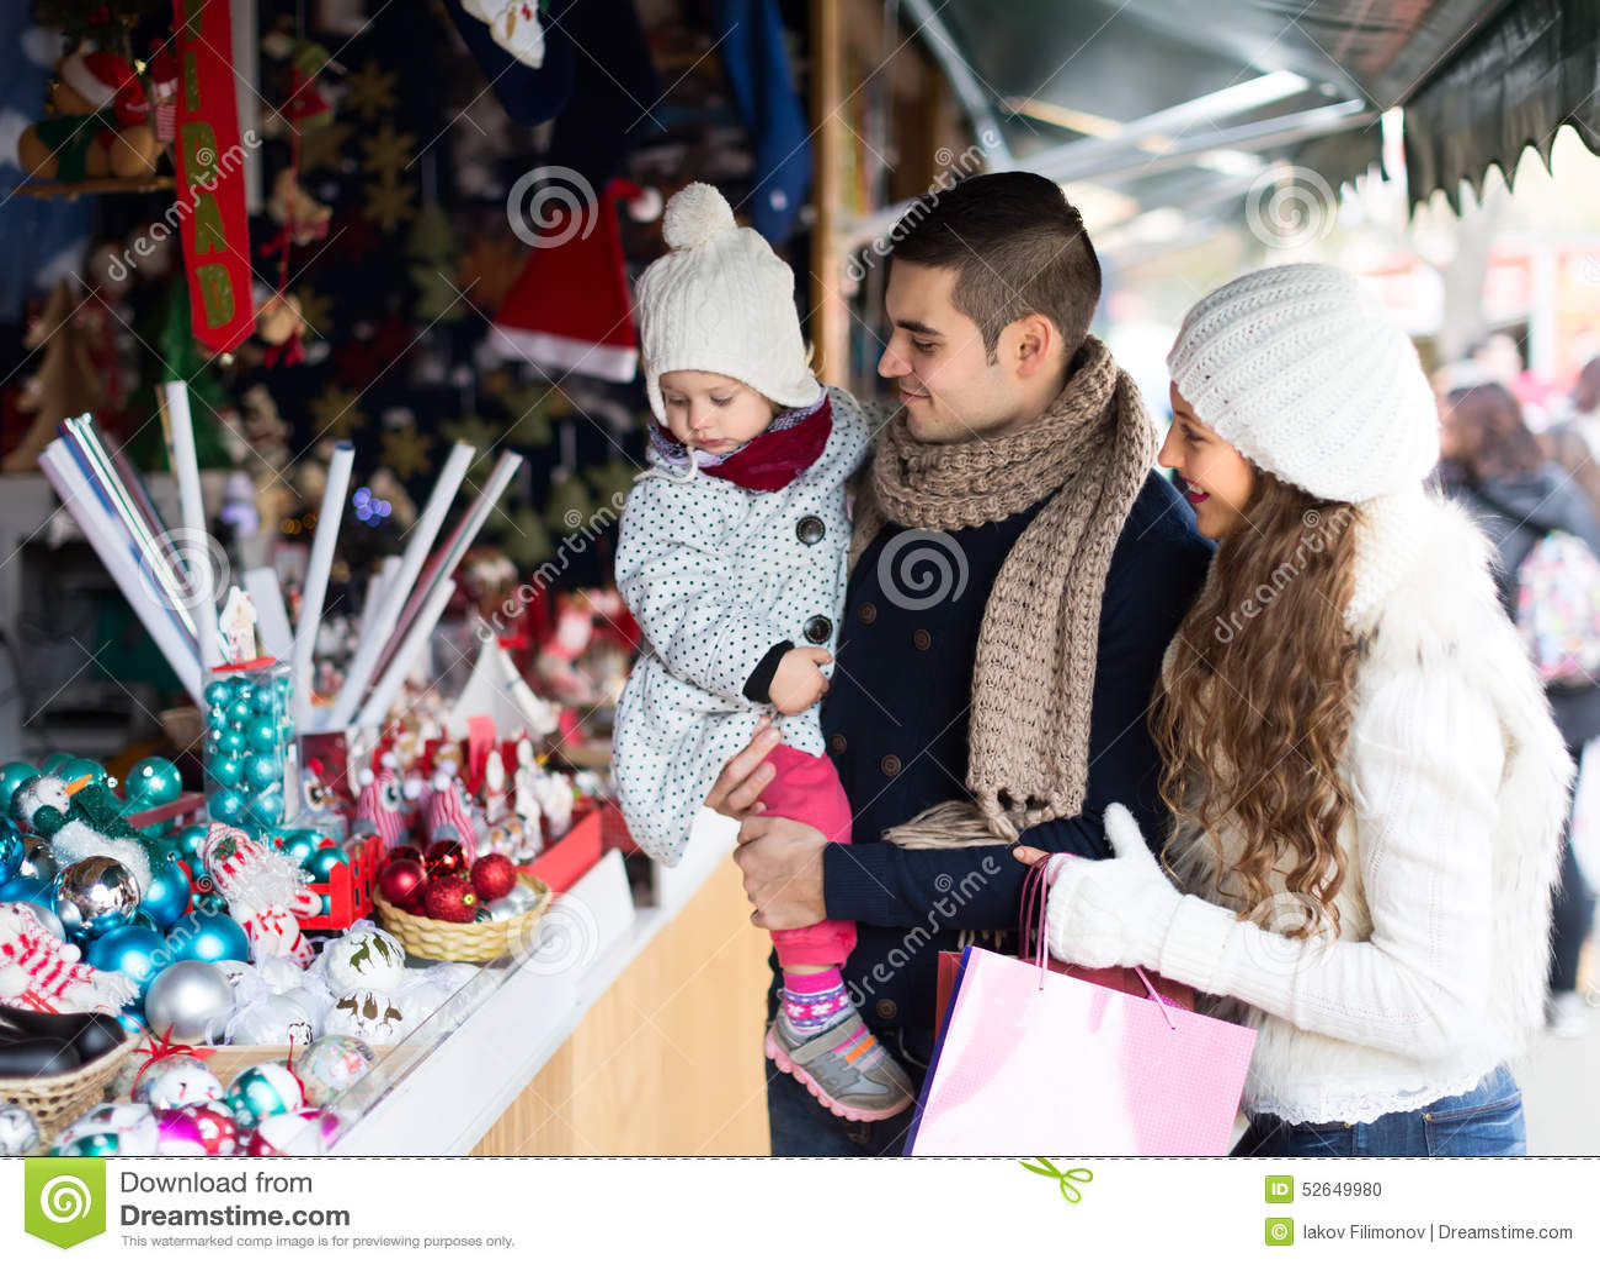 New Year Shopping Stock Photo Image 52649980